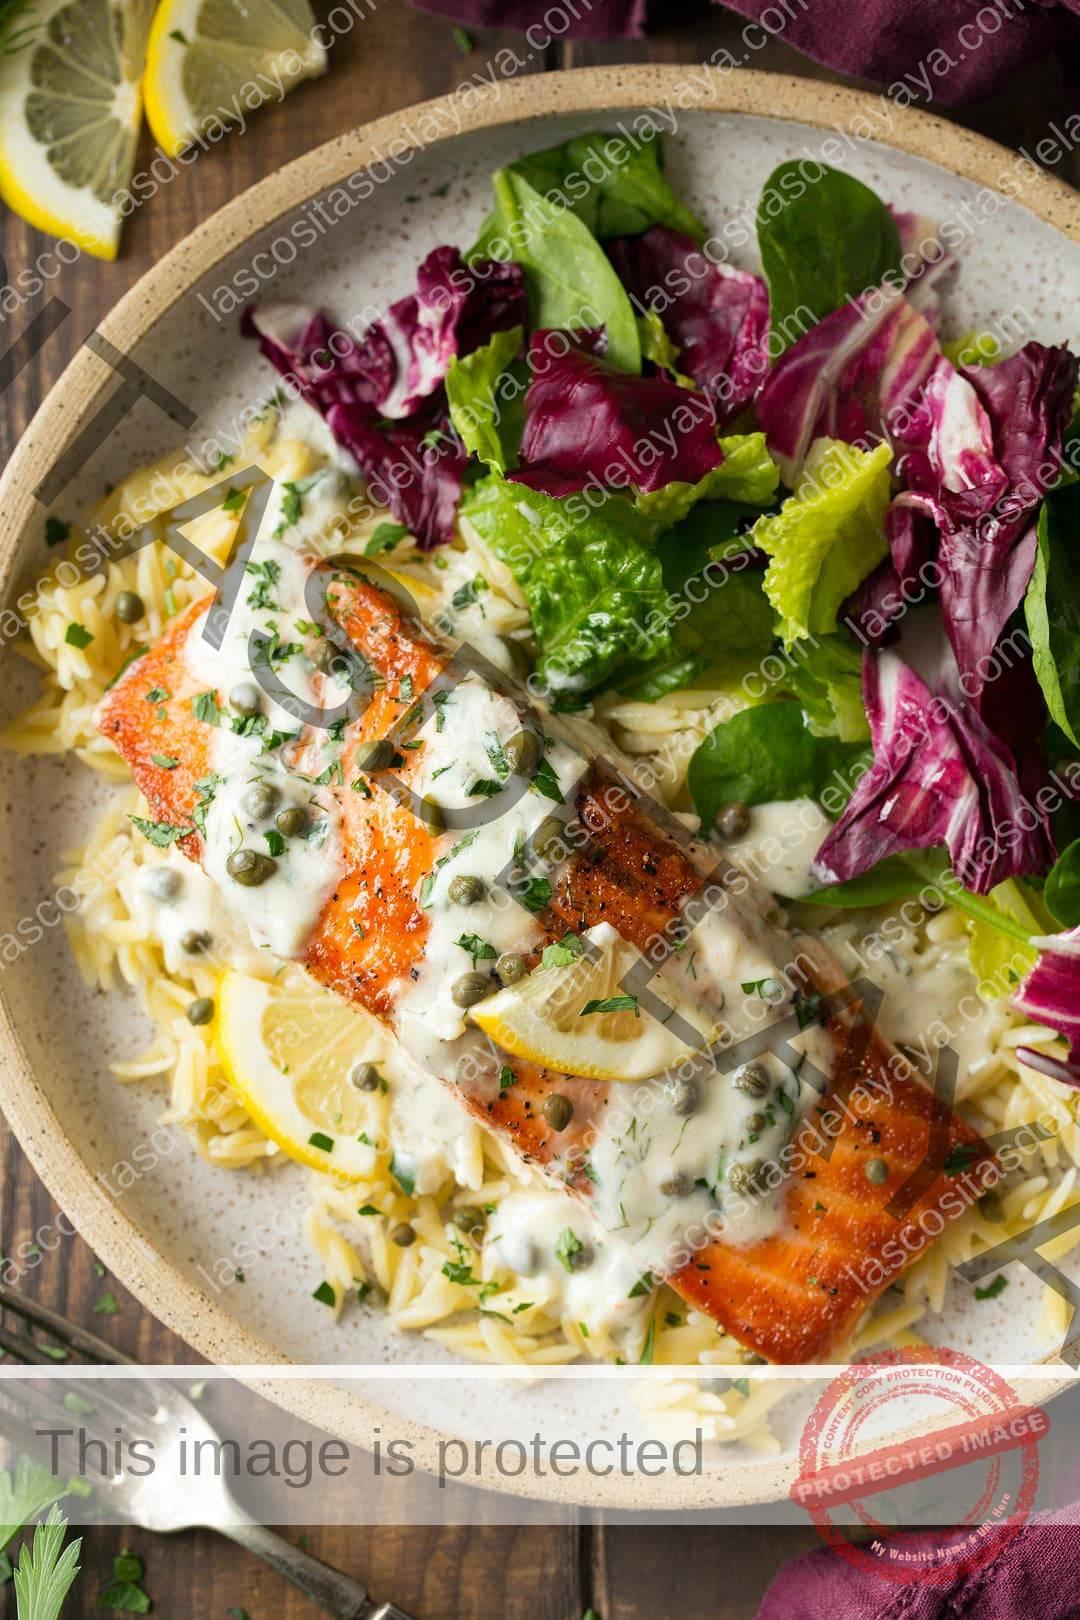 Salmón cocido en la sartén con una cremosa salsa de limón y alcaparras.  Aquí se muestra en un plato para servir con orzo y ensalada.